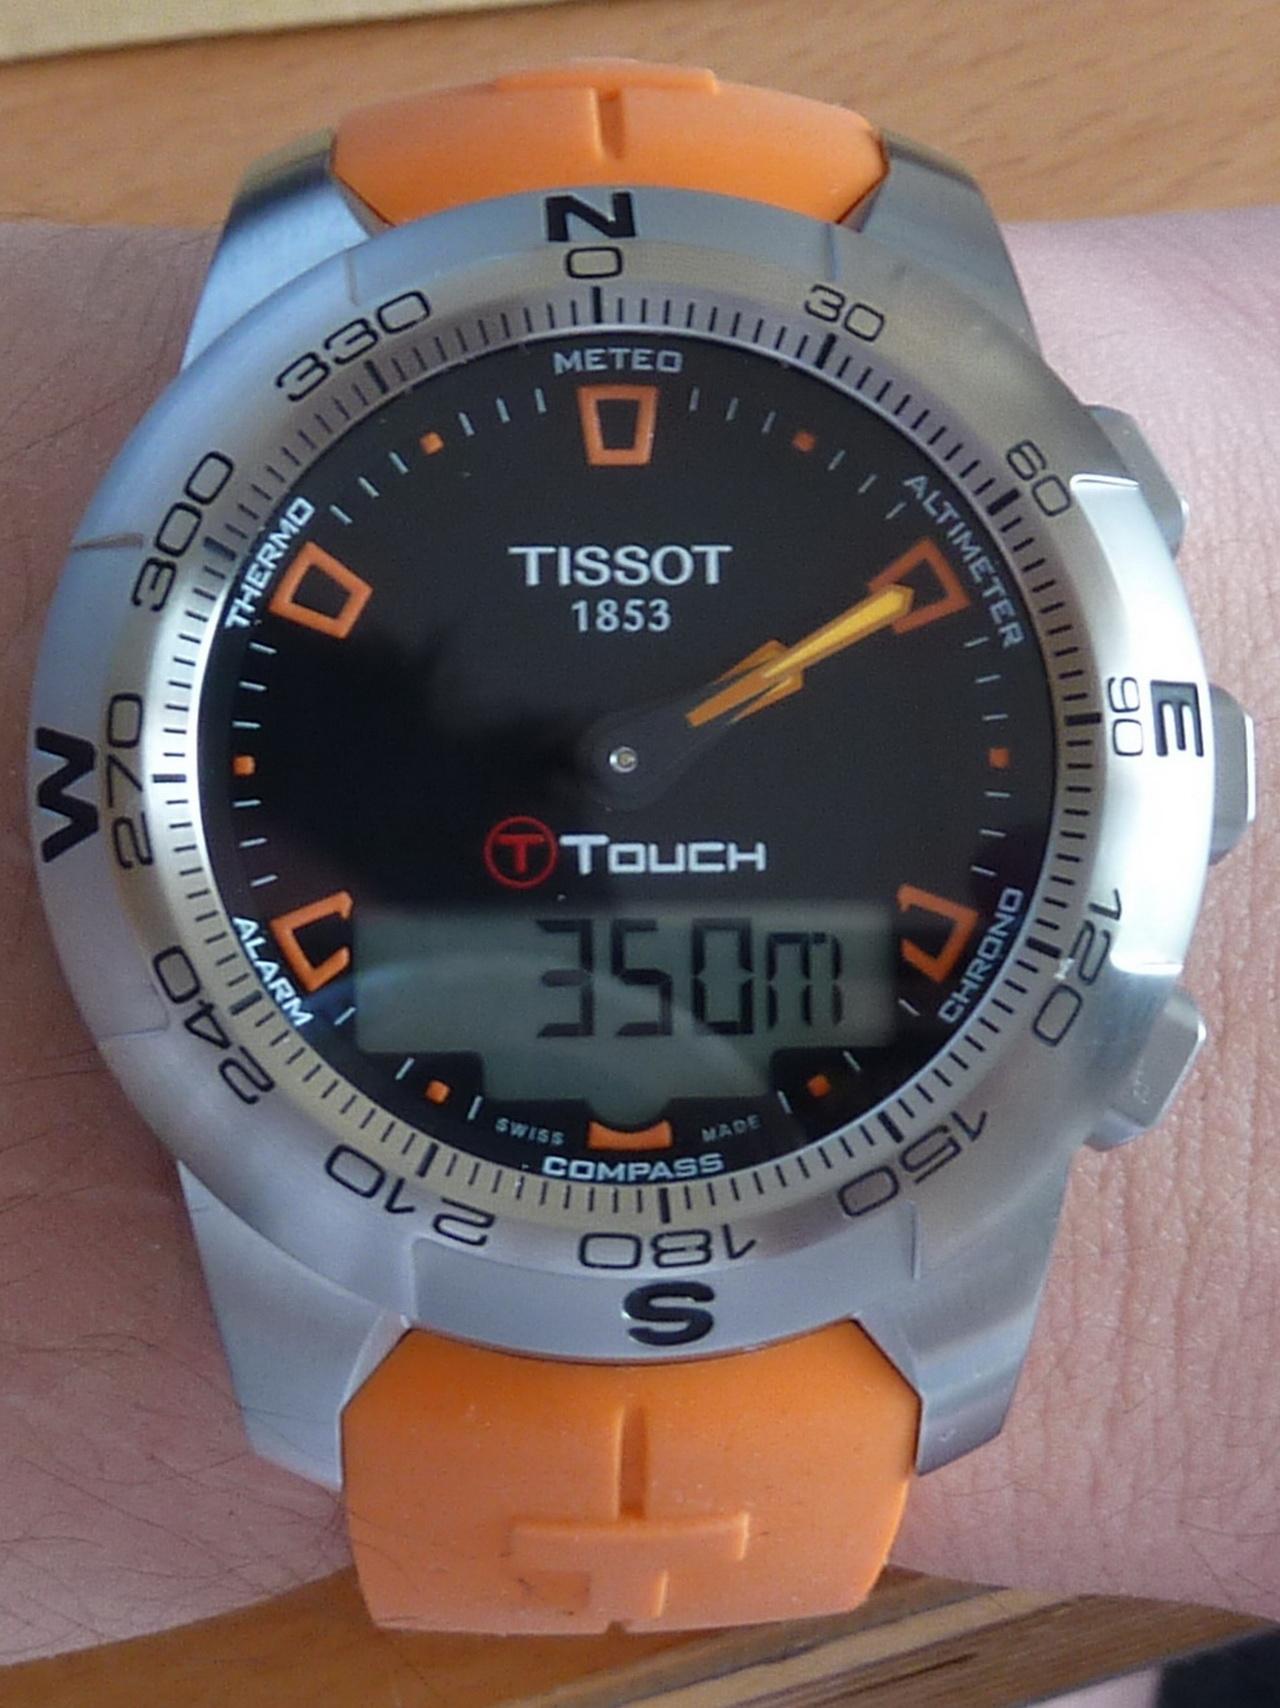 tissot010w9c7 Elegantes Uhr Mit Temperaturanzeige Dekorationen